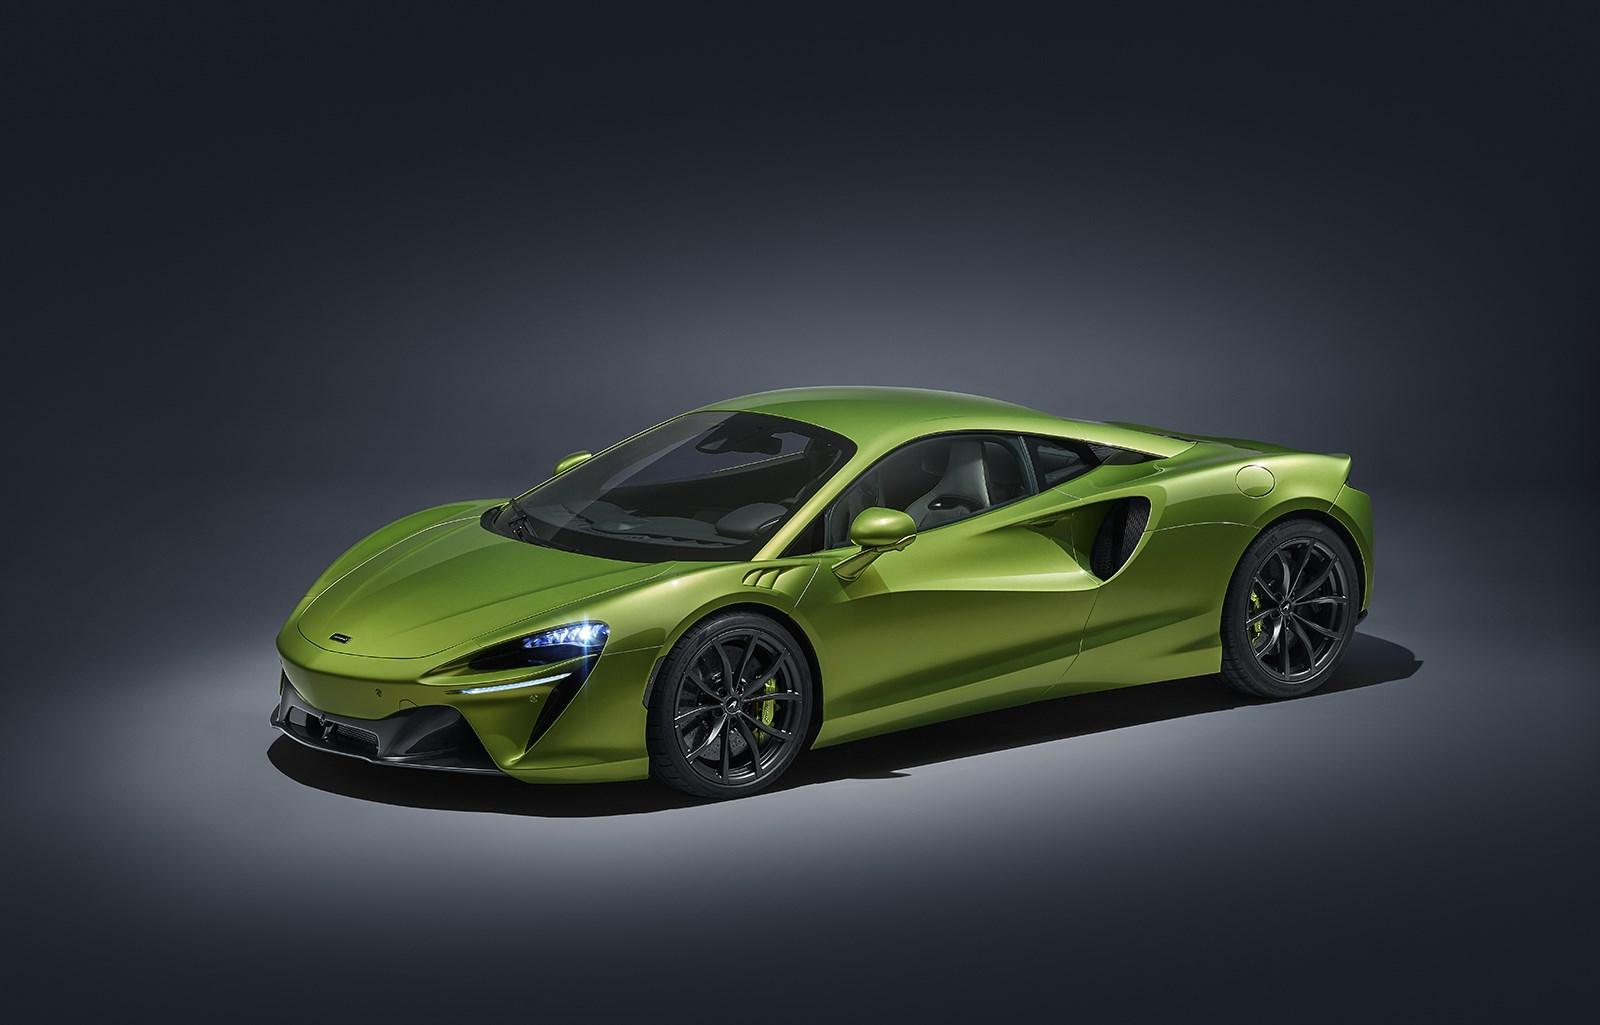 680ps/720Nmの強力パワーで燃費約18km/Lも両立するマクラーレンの新型HV「アルトゥーラ」発表